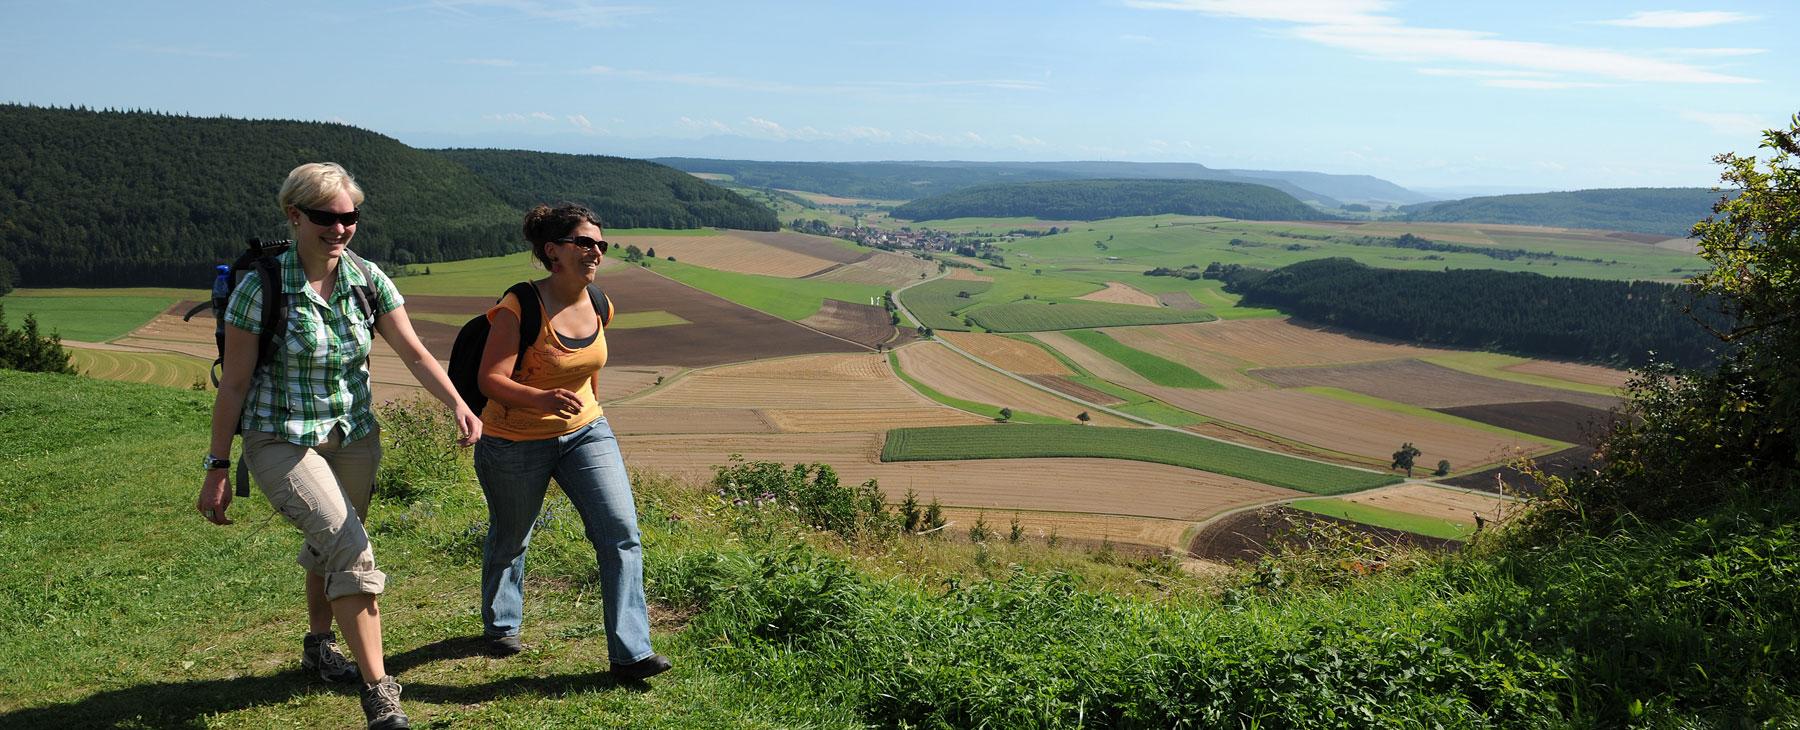 Wandern auf dem Fürstenberg